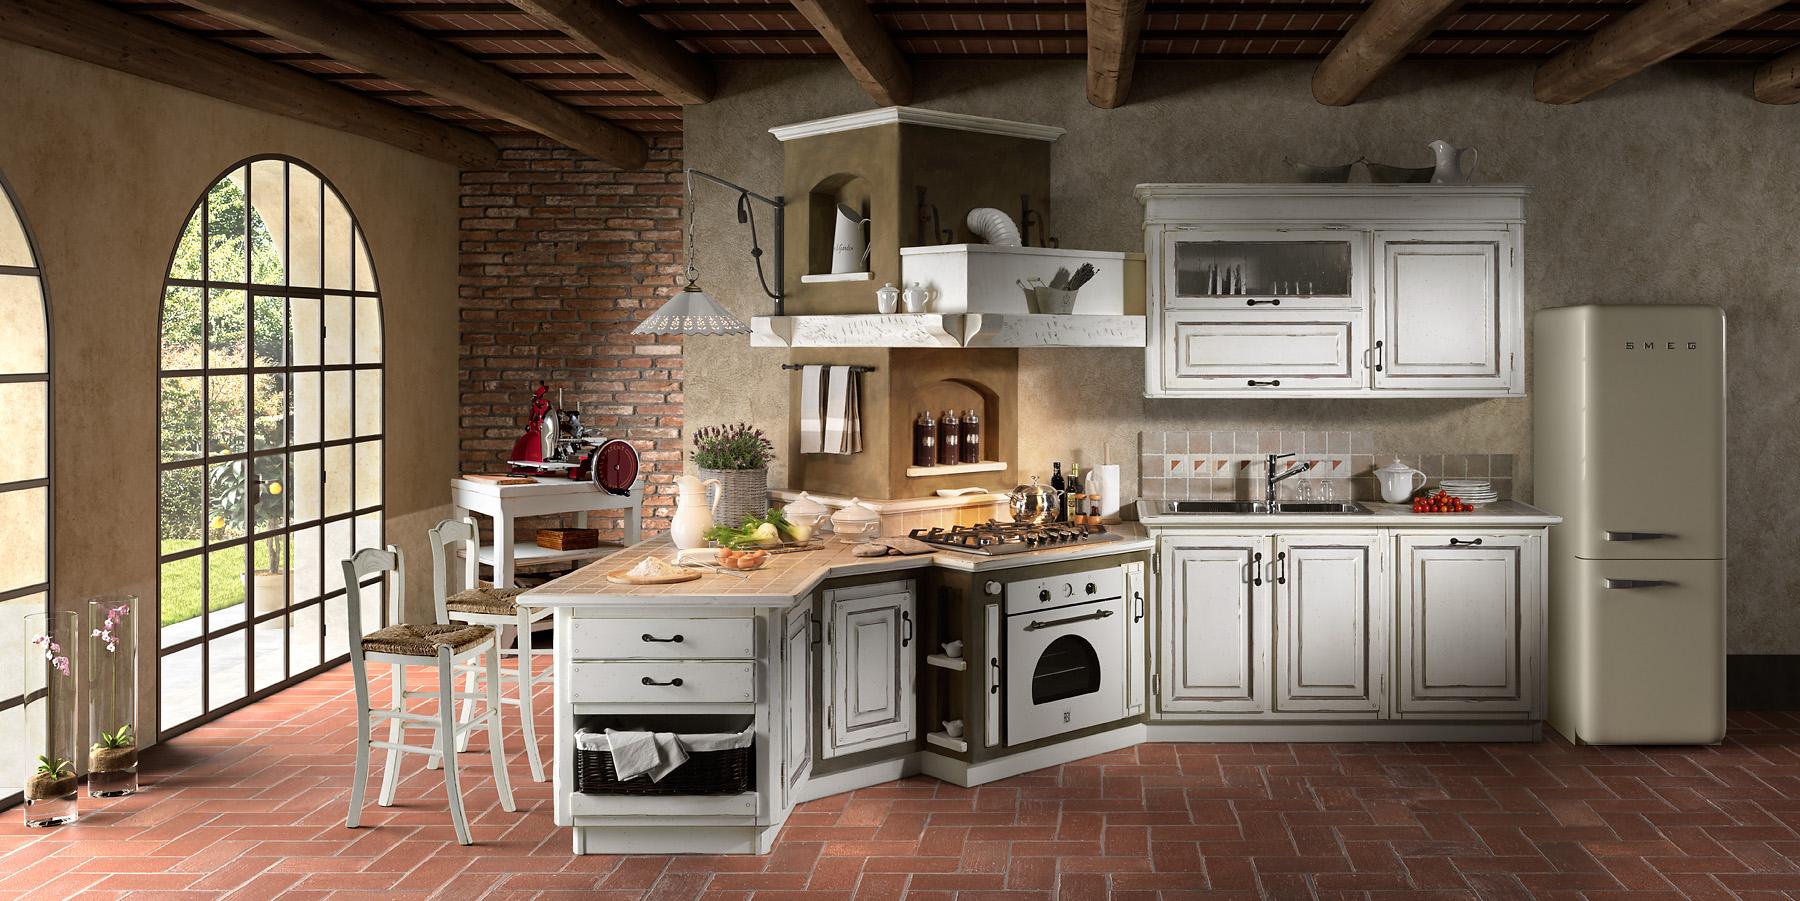 Trento bizzotto quotidiane emozioni ville casali for Offerte cucine trento